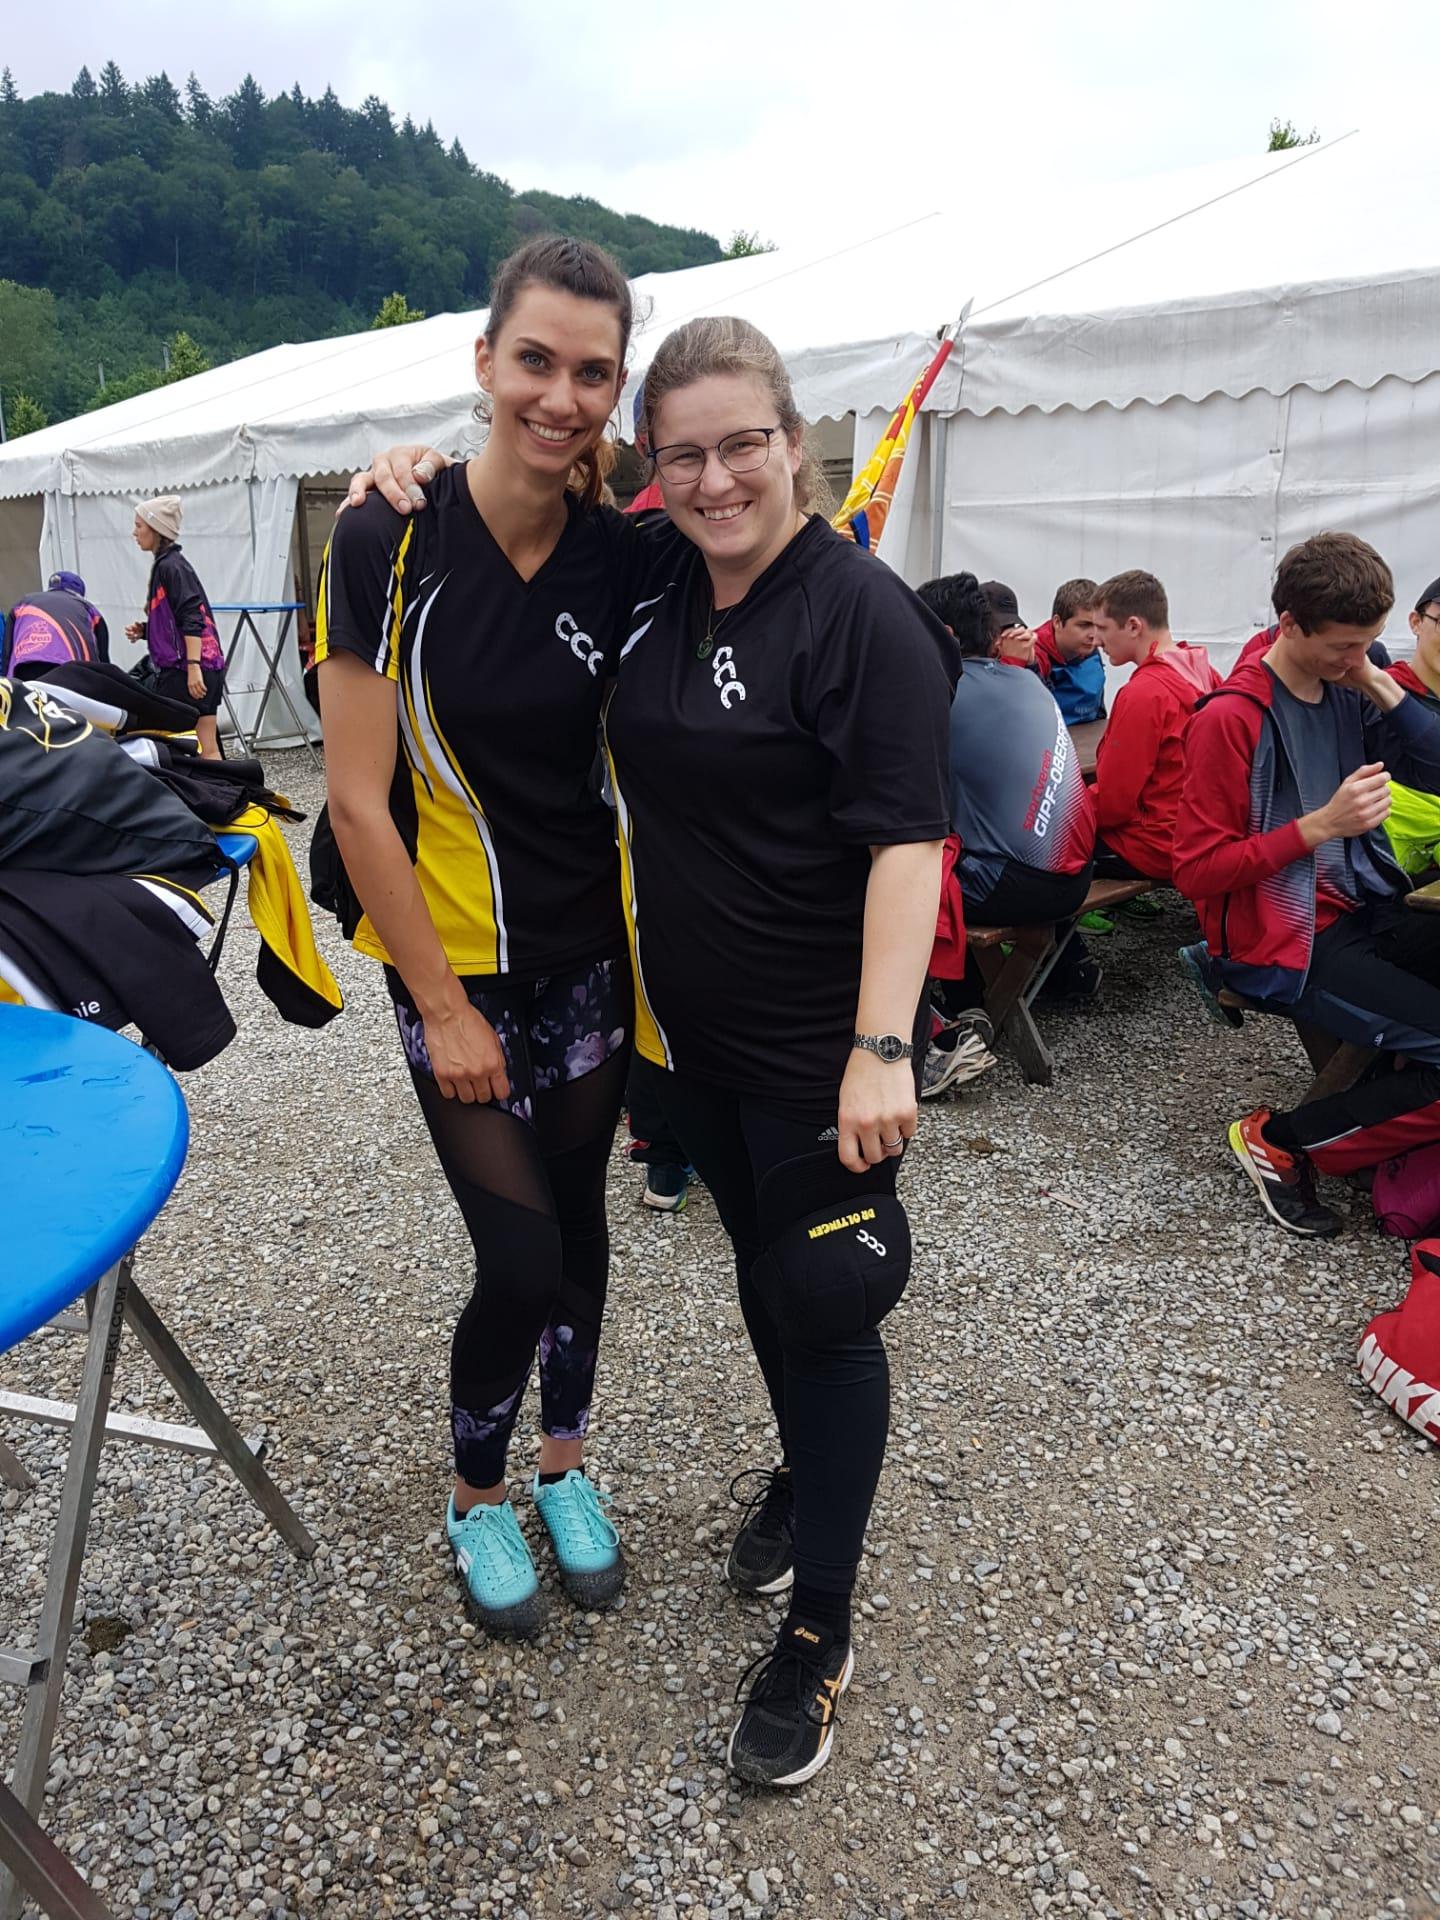 Eidgenössisches Turnfest Aarau 2019